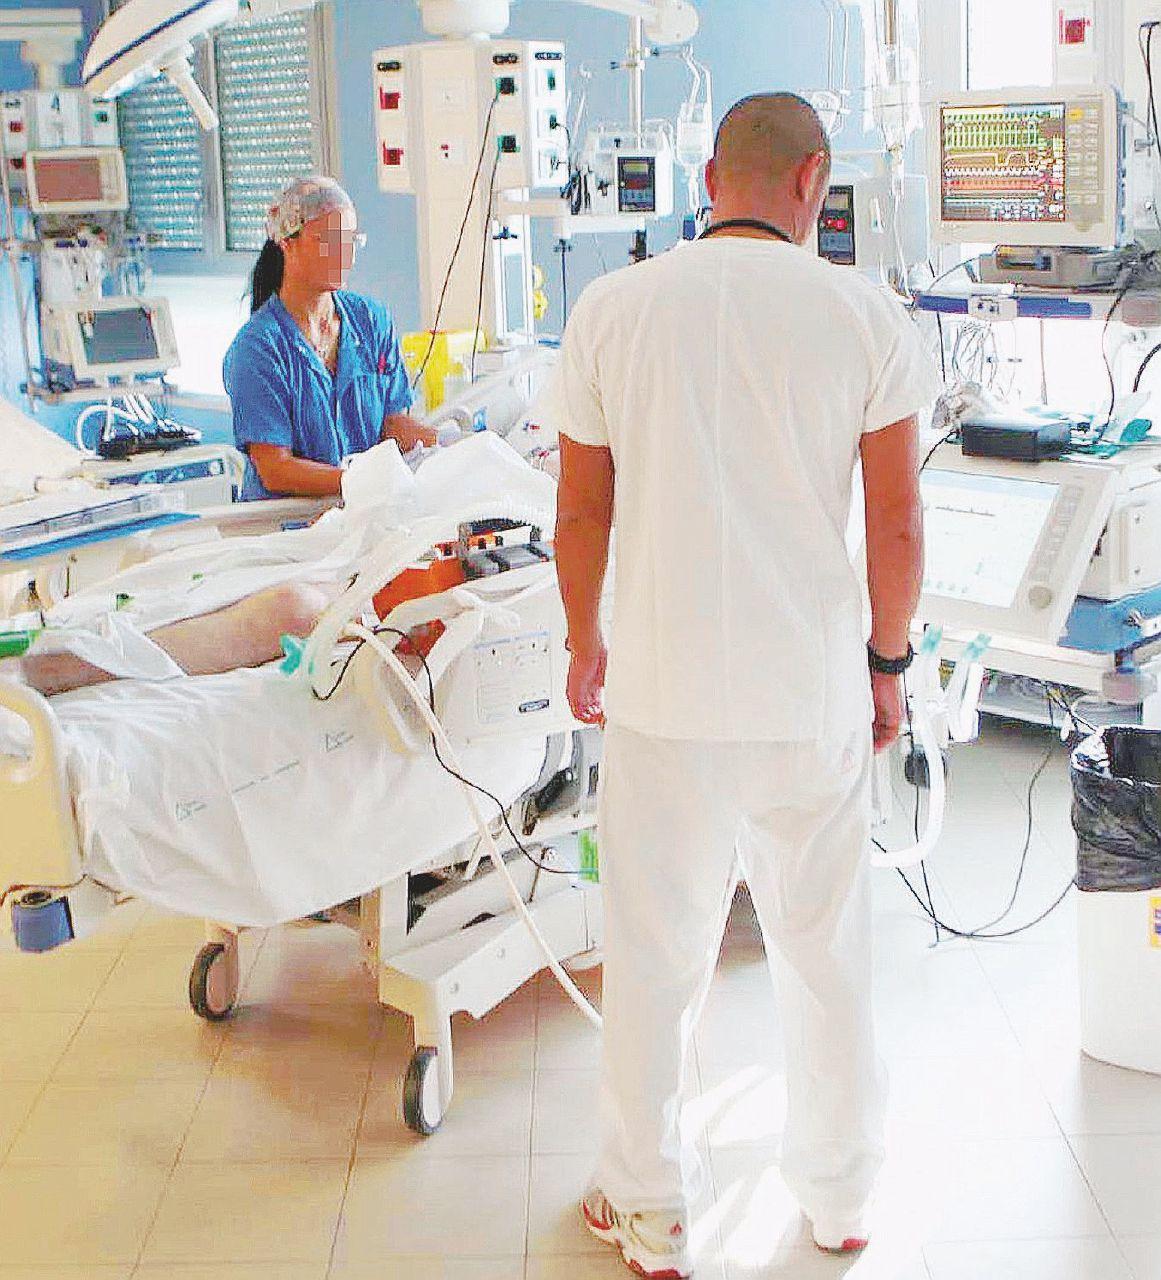 In Edicola sul Fatto Quotidiano del 9 maggio: L'inchiesta: medici corrotti e pazienti-cavia